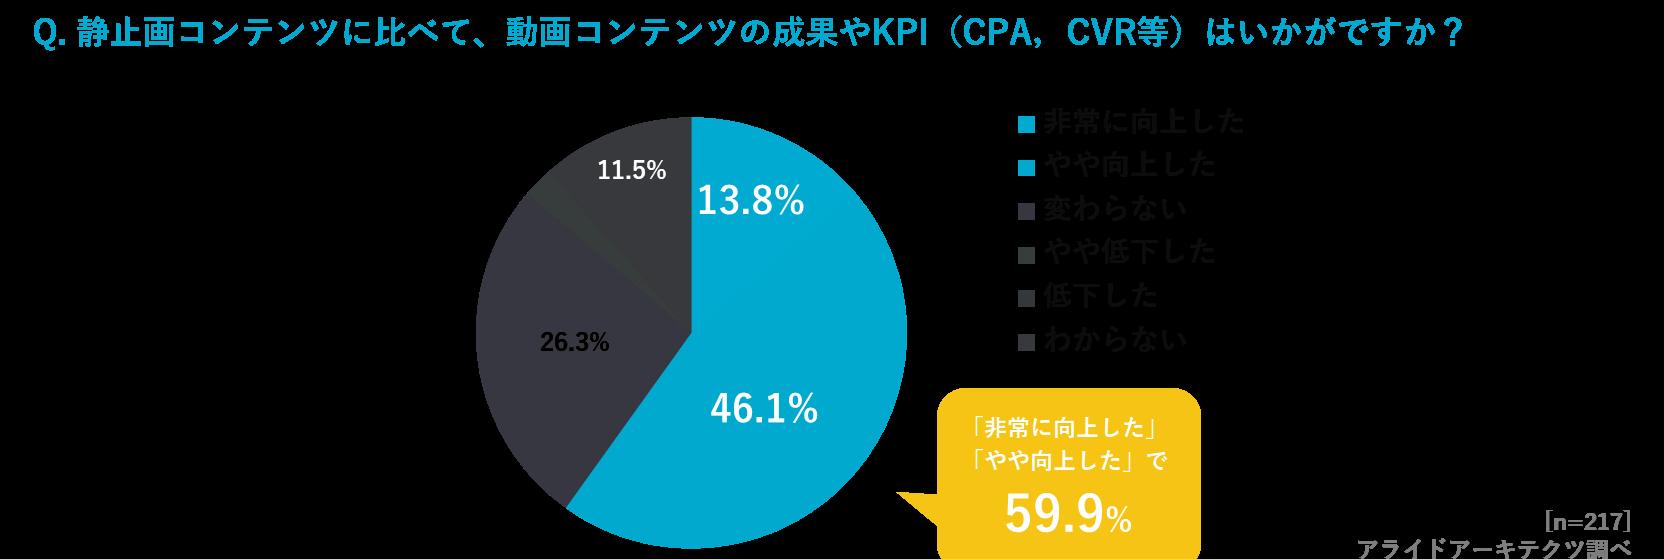 動画コンテンツの活用によって、約60%「成果が向上した」と回答